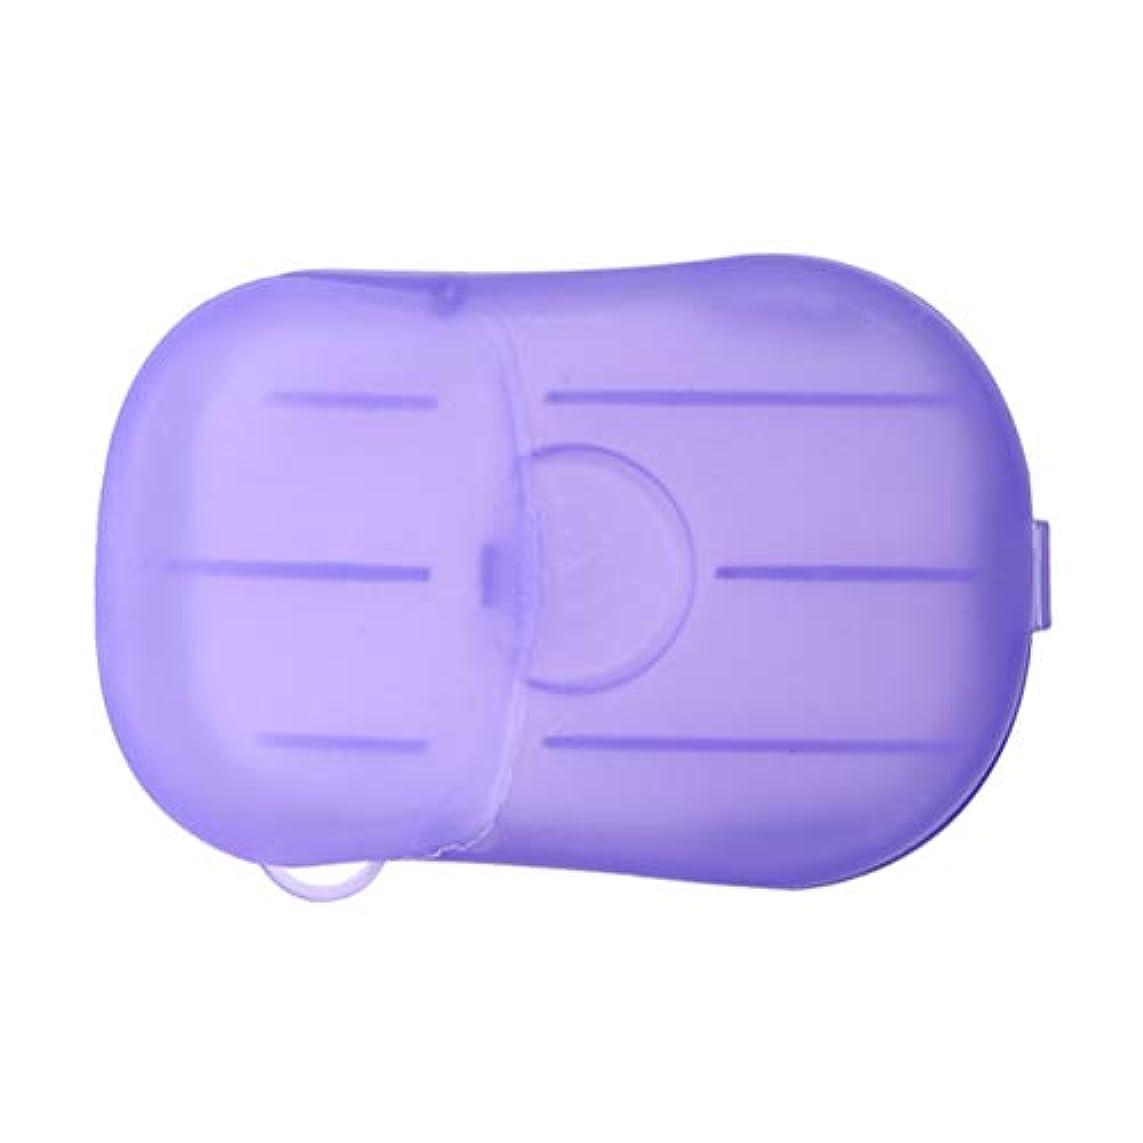 LIOOBO 20ピース石鹸フレーク使い捨てクリーニングペーパーポータブルシャワー用品手洗い石鹸シーツ付きトラベルキャンプハイキング(パープル)